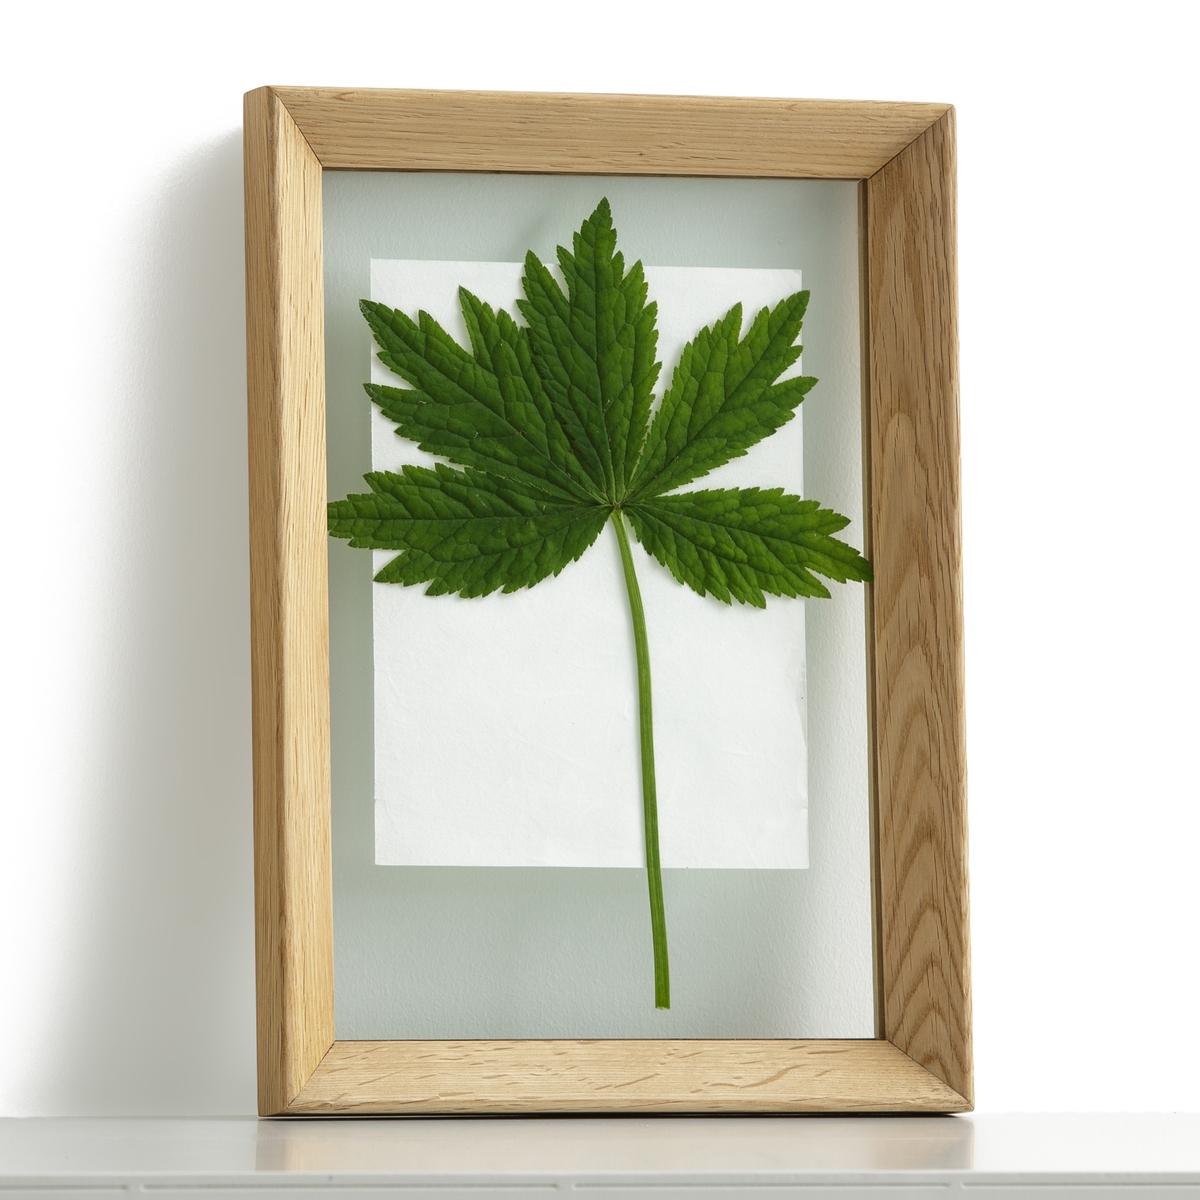 Рамка из двойного стекла L25xH35 см, Moricey